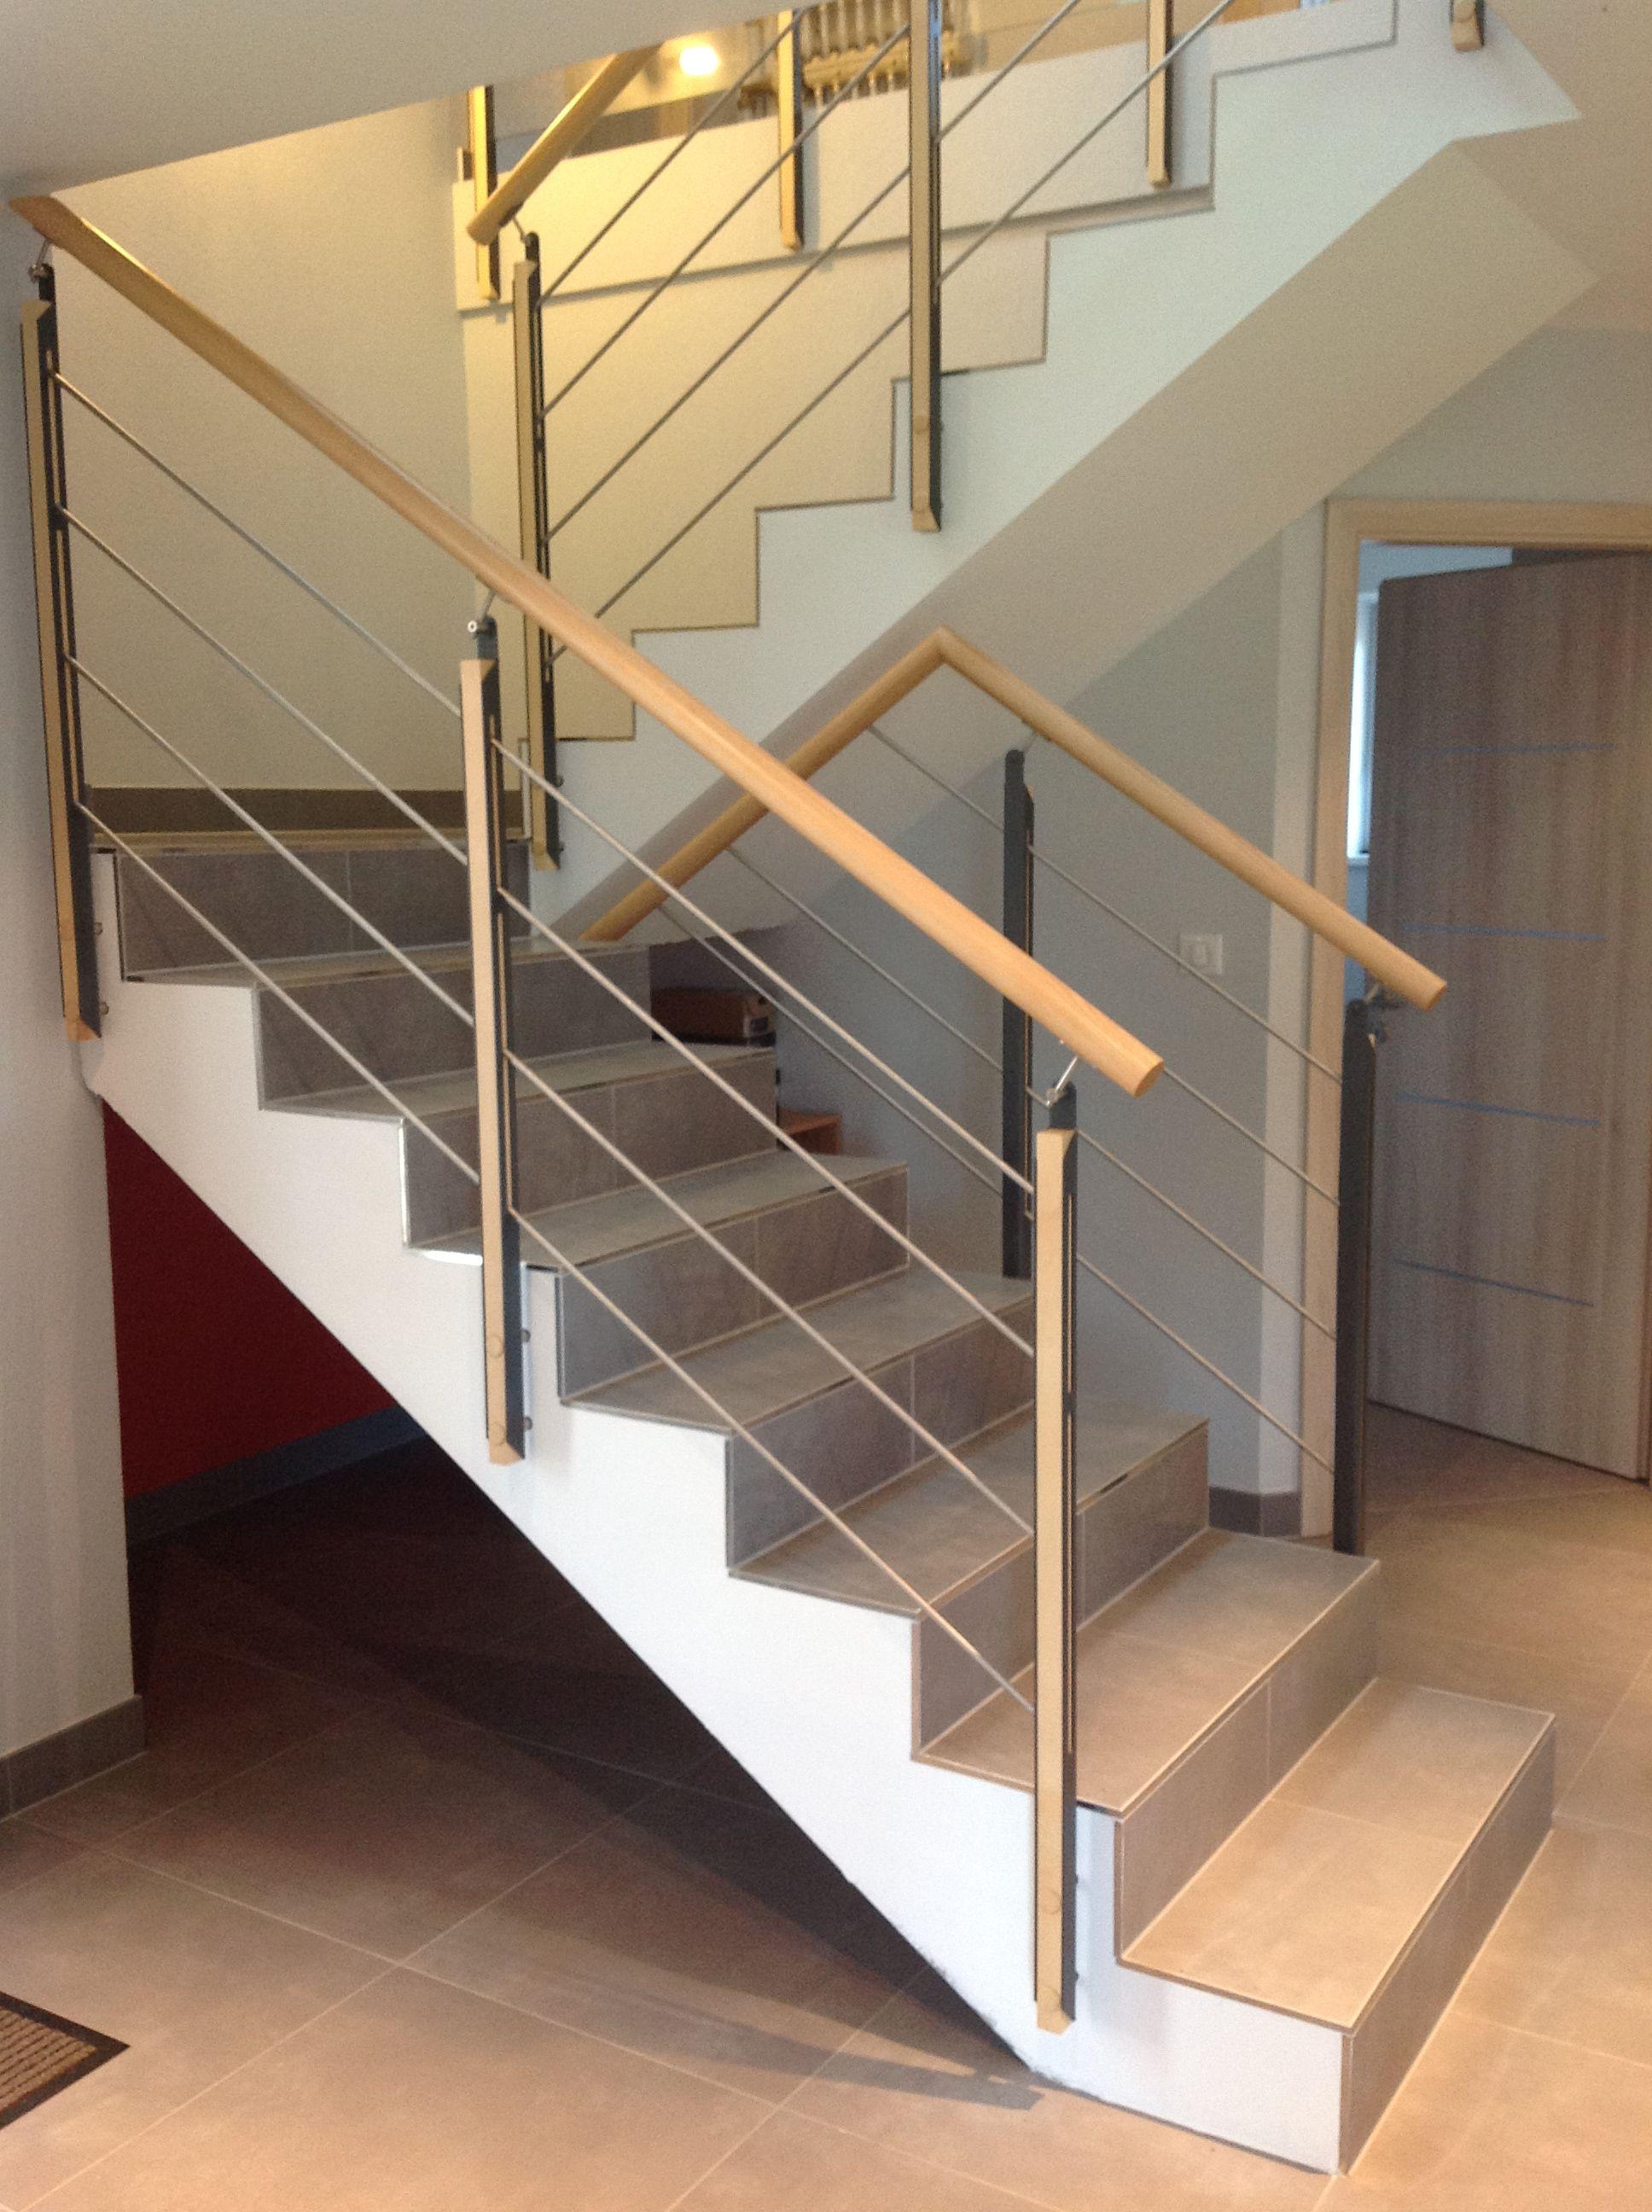 Garde-corps rampant bois et métal sur escalier béton. Pour plus de ...